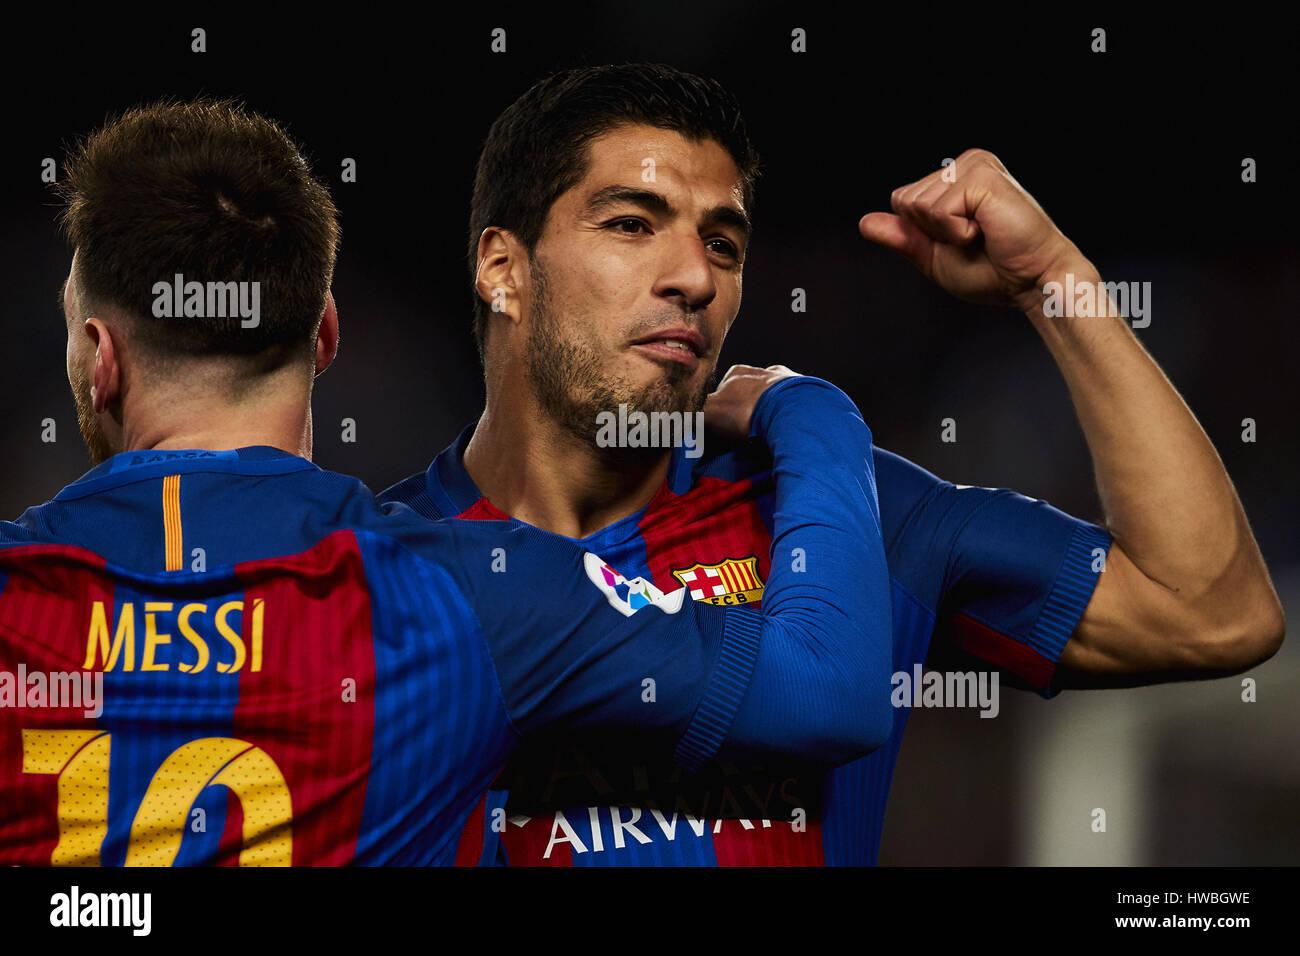 Barcellona, Spagna. Xix Mar, 2017. Lionel Messi (FC Barcelona) celebra con il suo compagno di squadra Luis Suarez Foto Stock